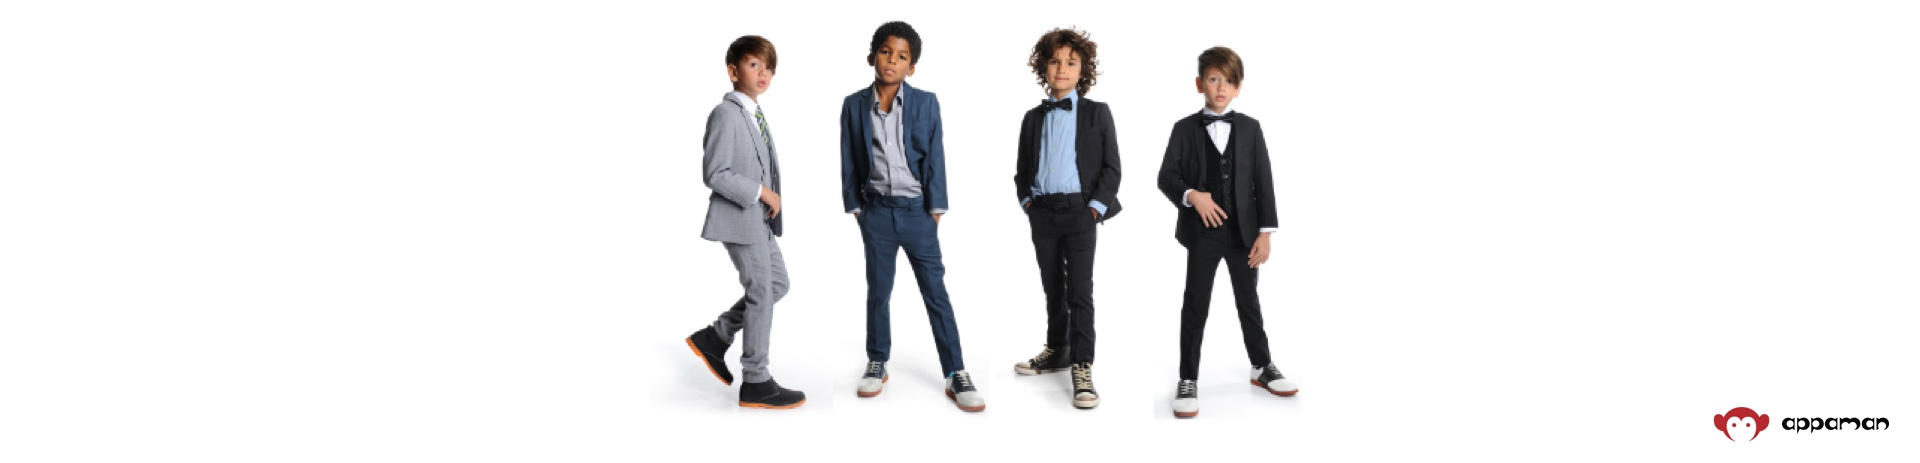 0fbc8bc3 Findress | Gutt | Tøffe dresser og tilbehør for barn